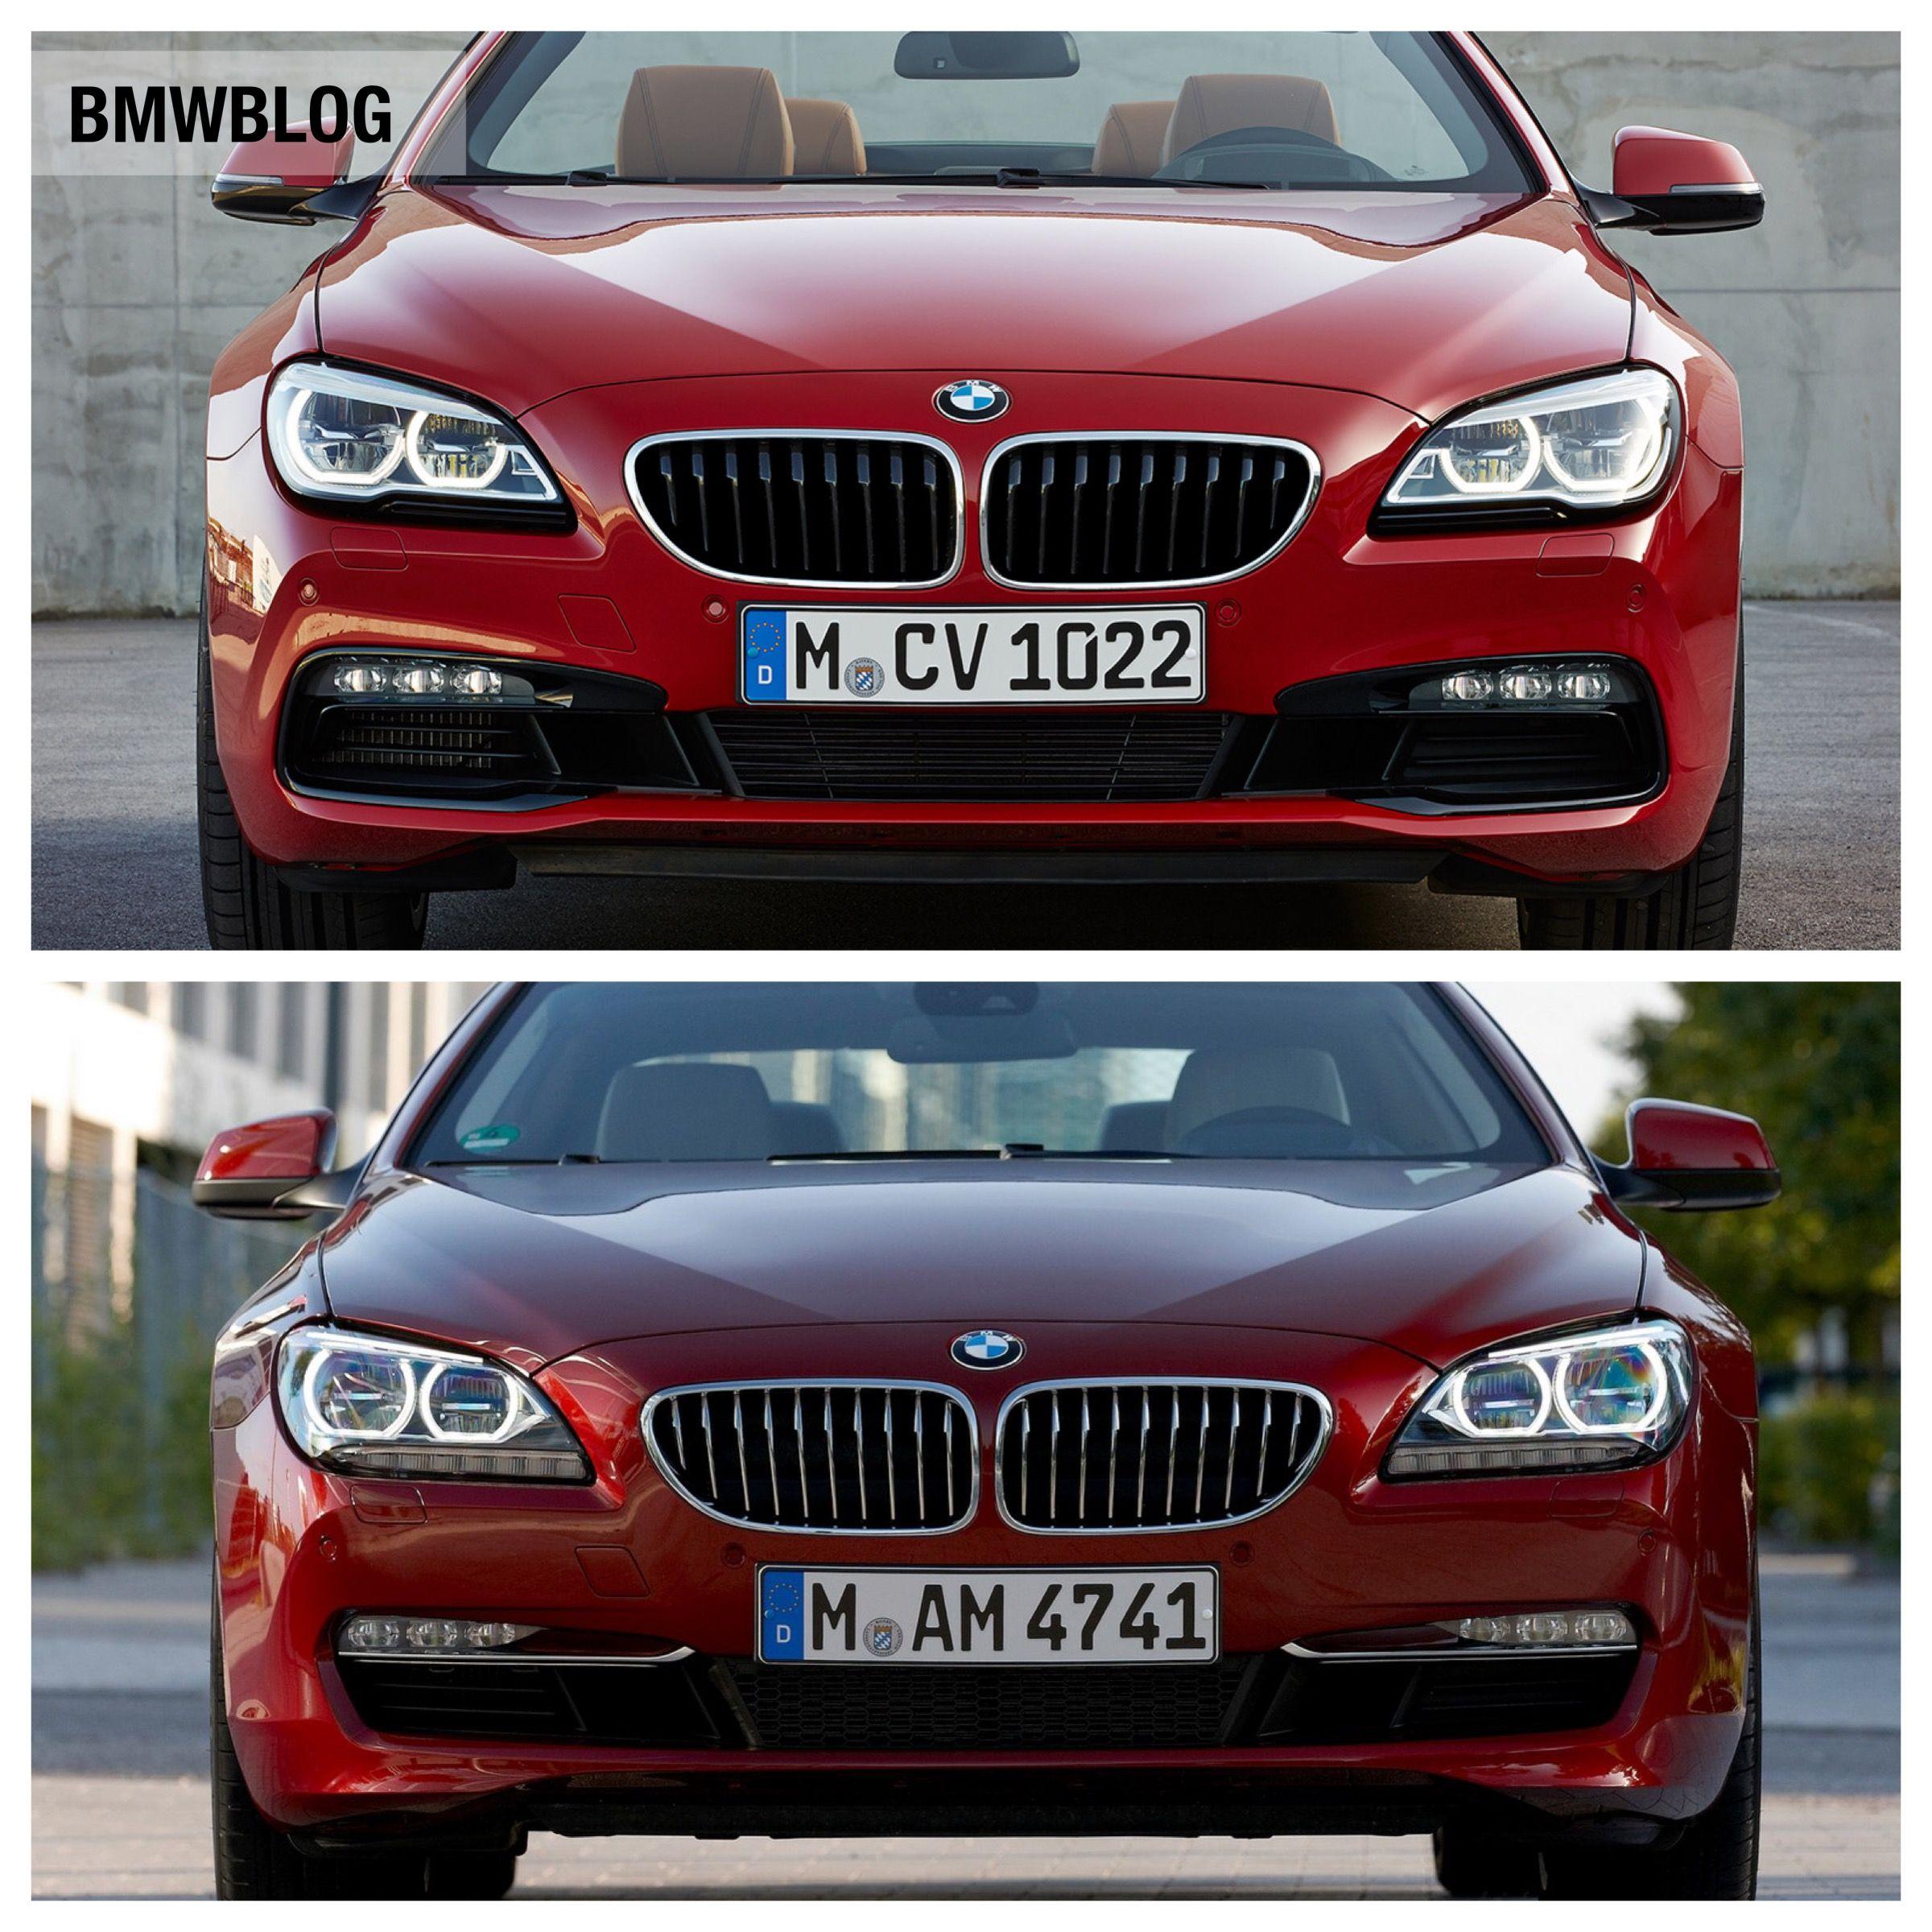 Photo Comparison 2012 Bmw 6 Series Vs 2015 Bmw 6 Series Facelift